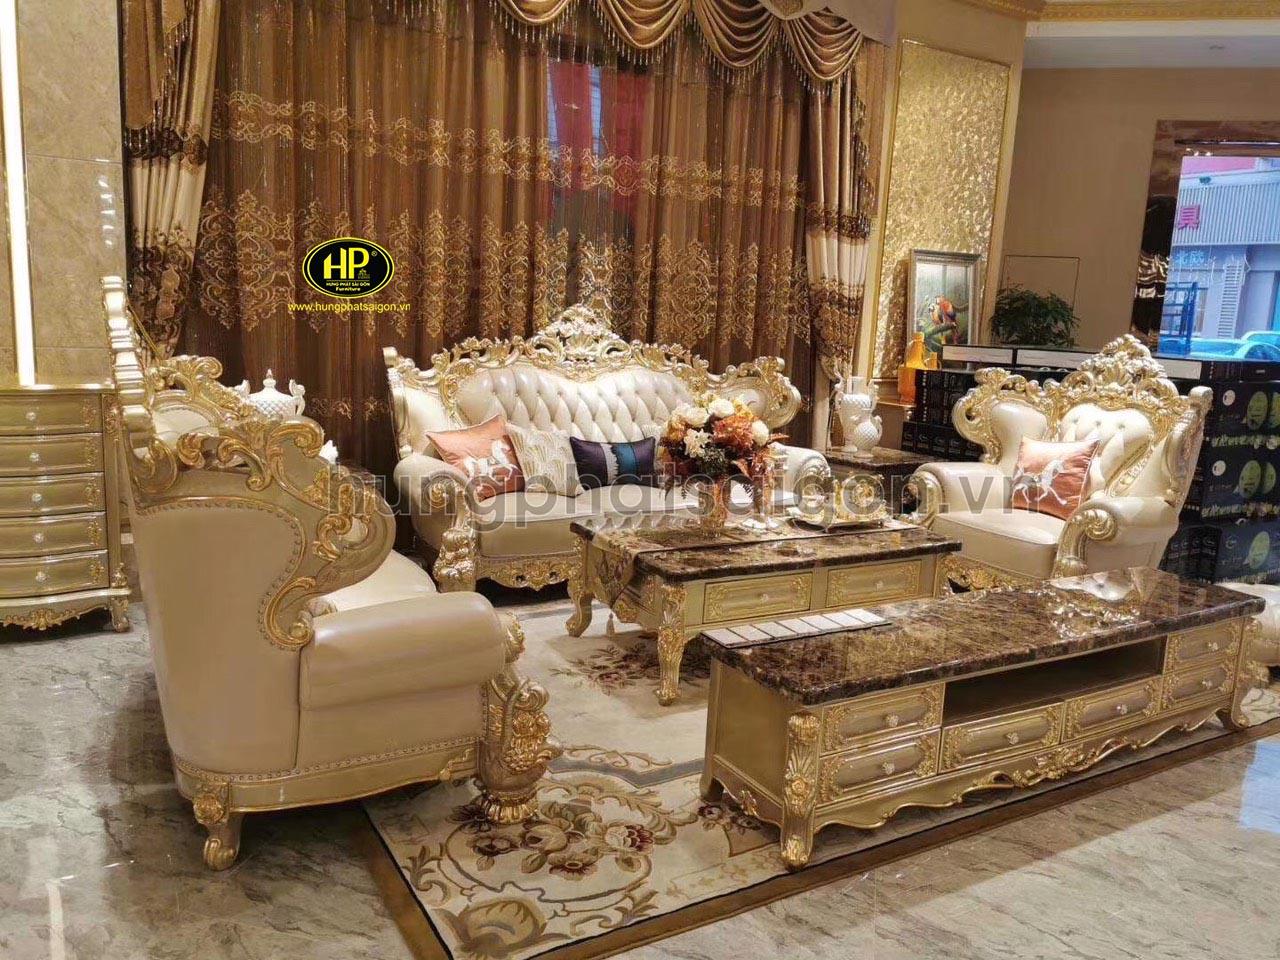 Sofa dát vàng Hưng Phát Sài Gòn nhận được nhiều đánh giá tích cực từ khách hàng